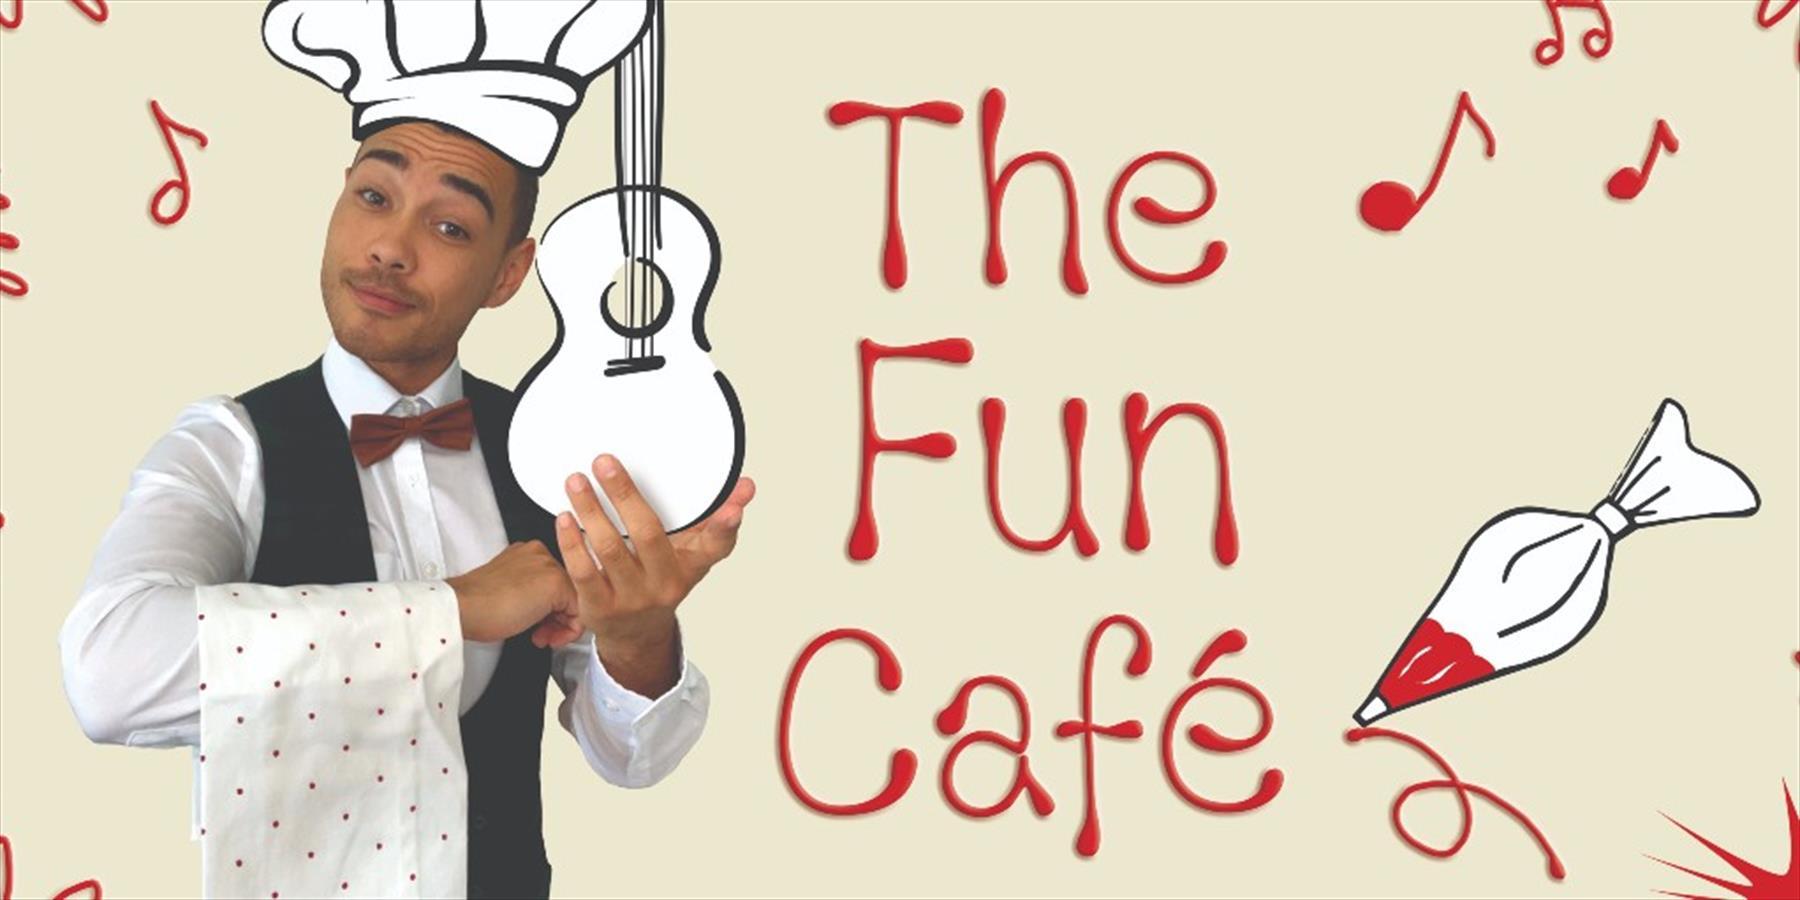 The fun café